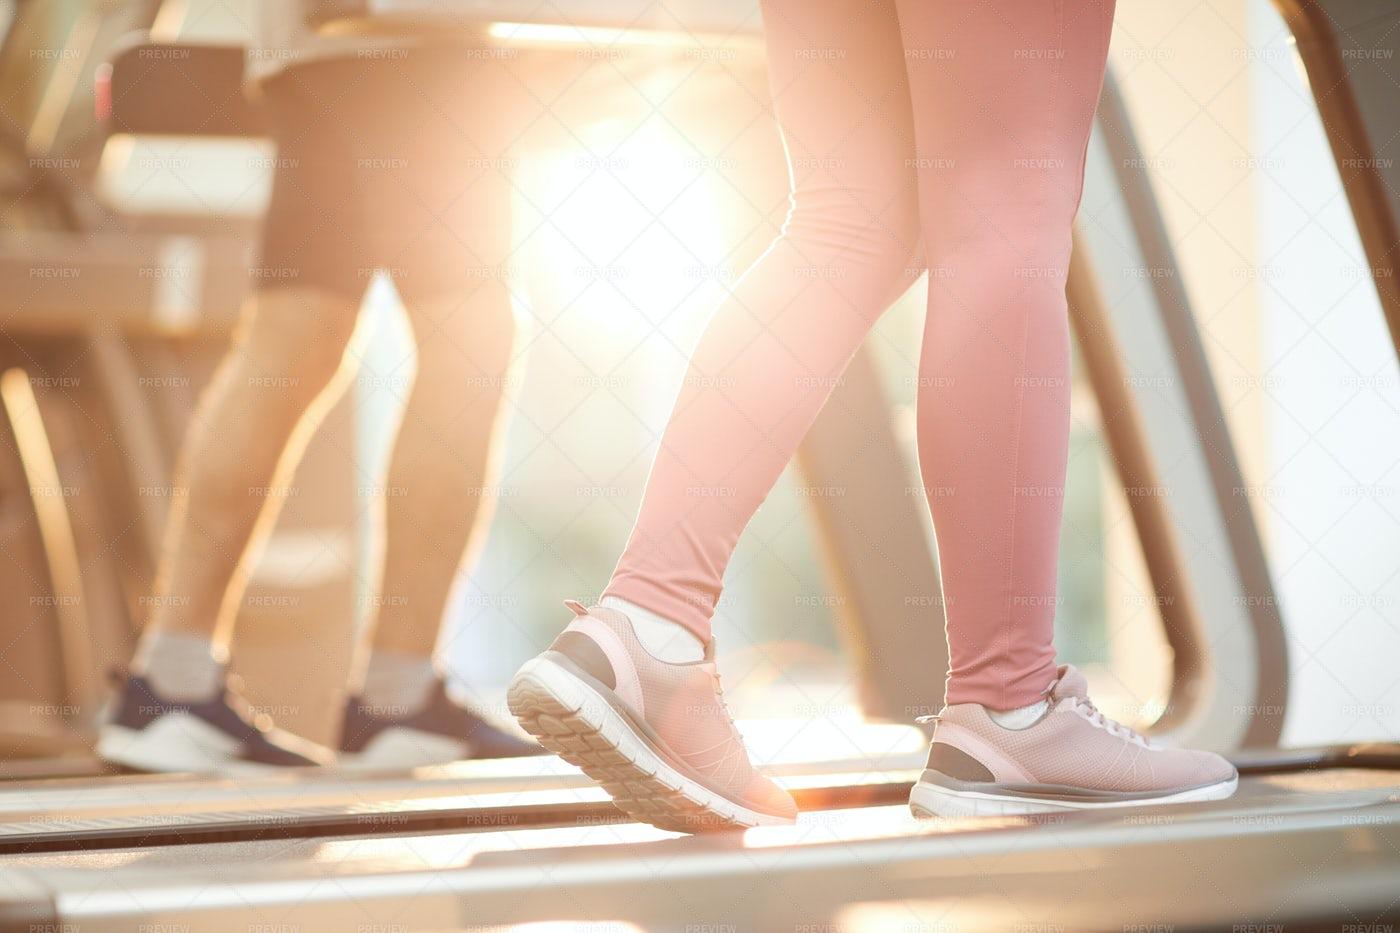 People On Treadmills: Stock Photos